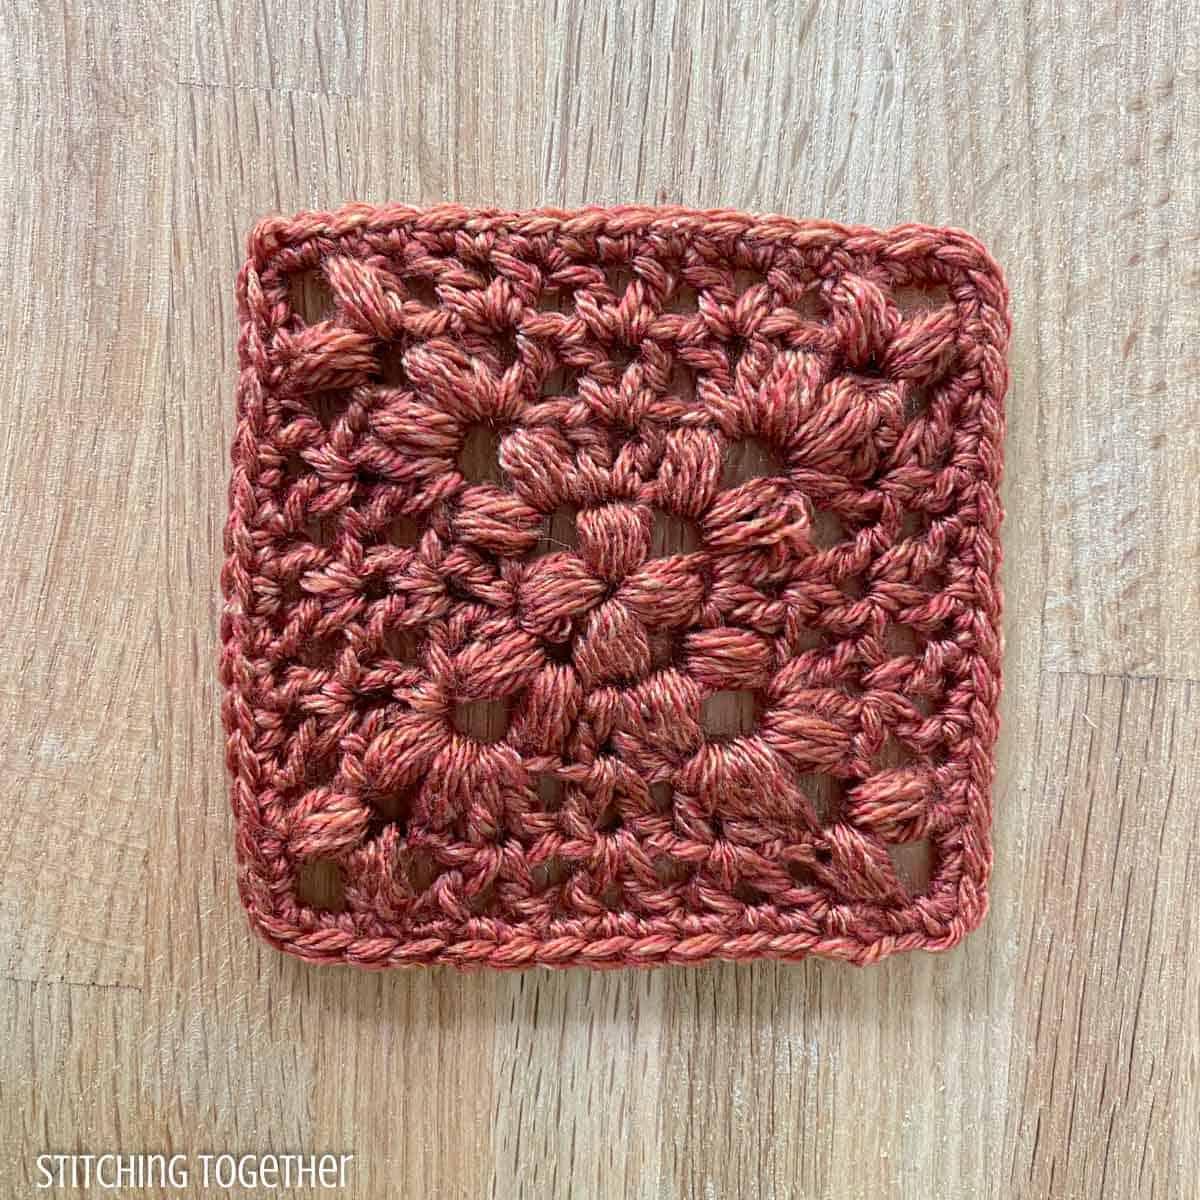 terracotta granny square crochet with open stitches